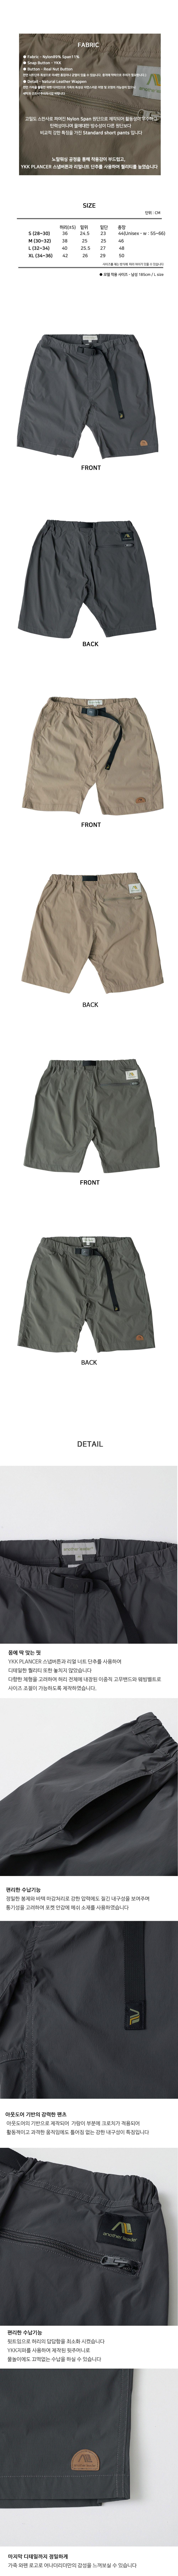 어나더리더(ANOTHER LEADER) Standard short pants (Charcoal)